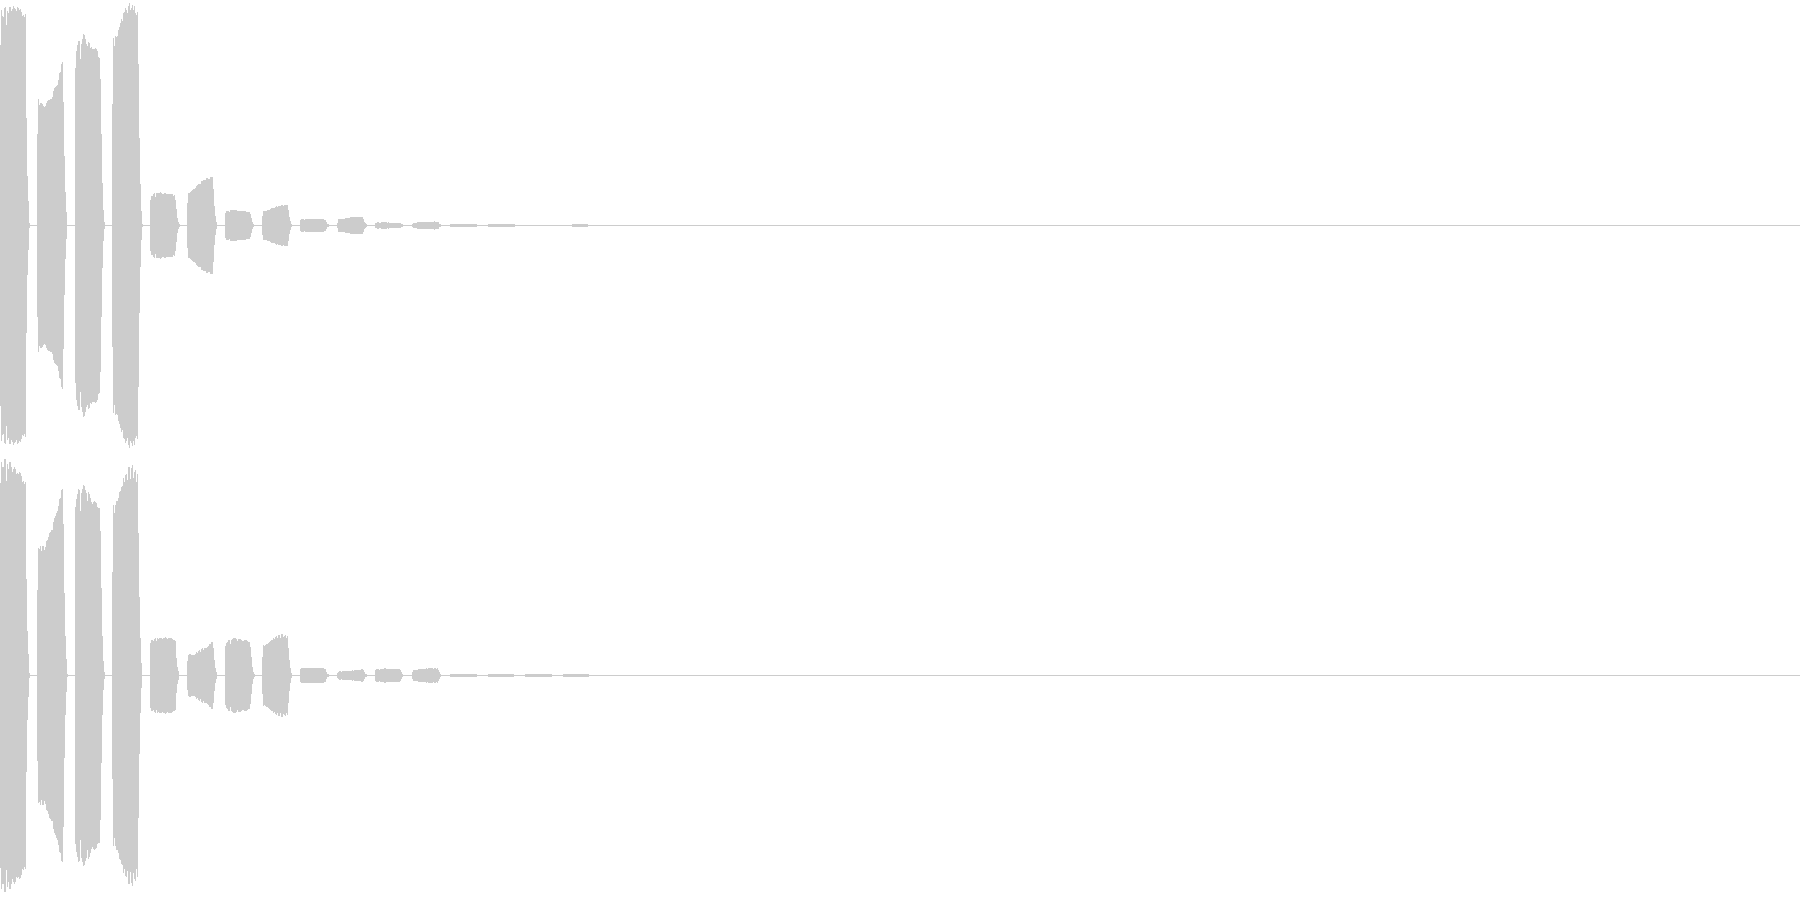 Bell ファミレスの注文ボタンの音 2の未再生の波形